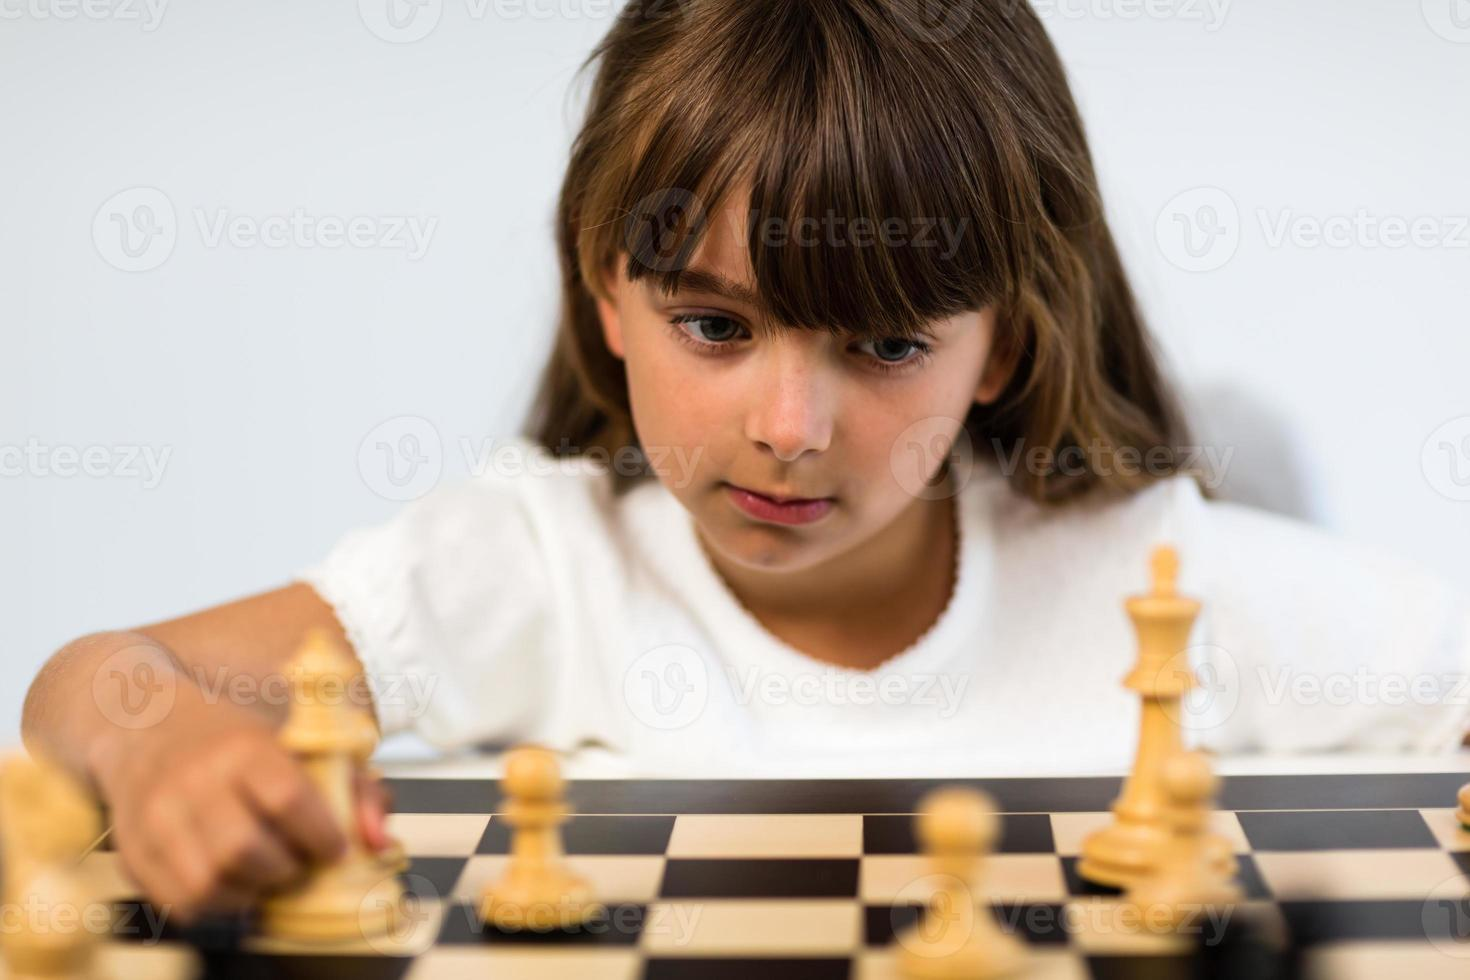 Mädchen spielt Schach foto